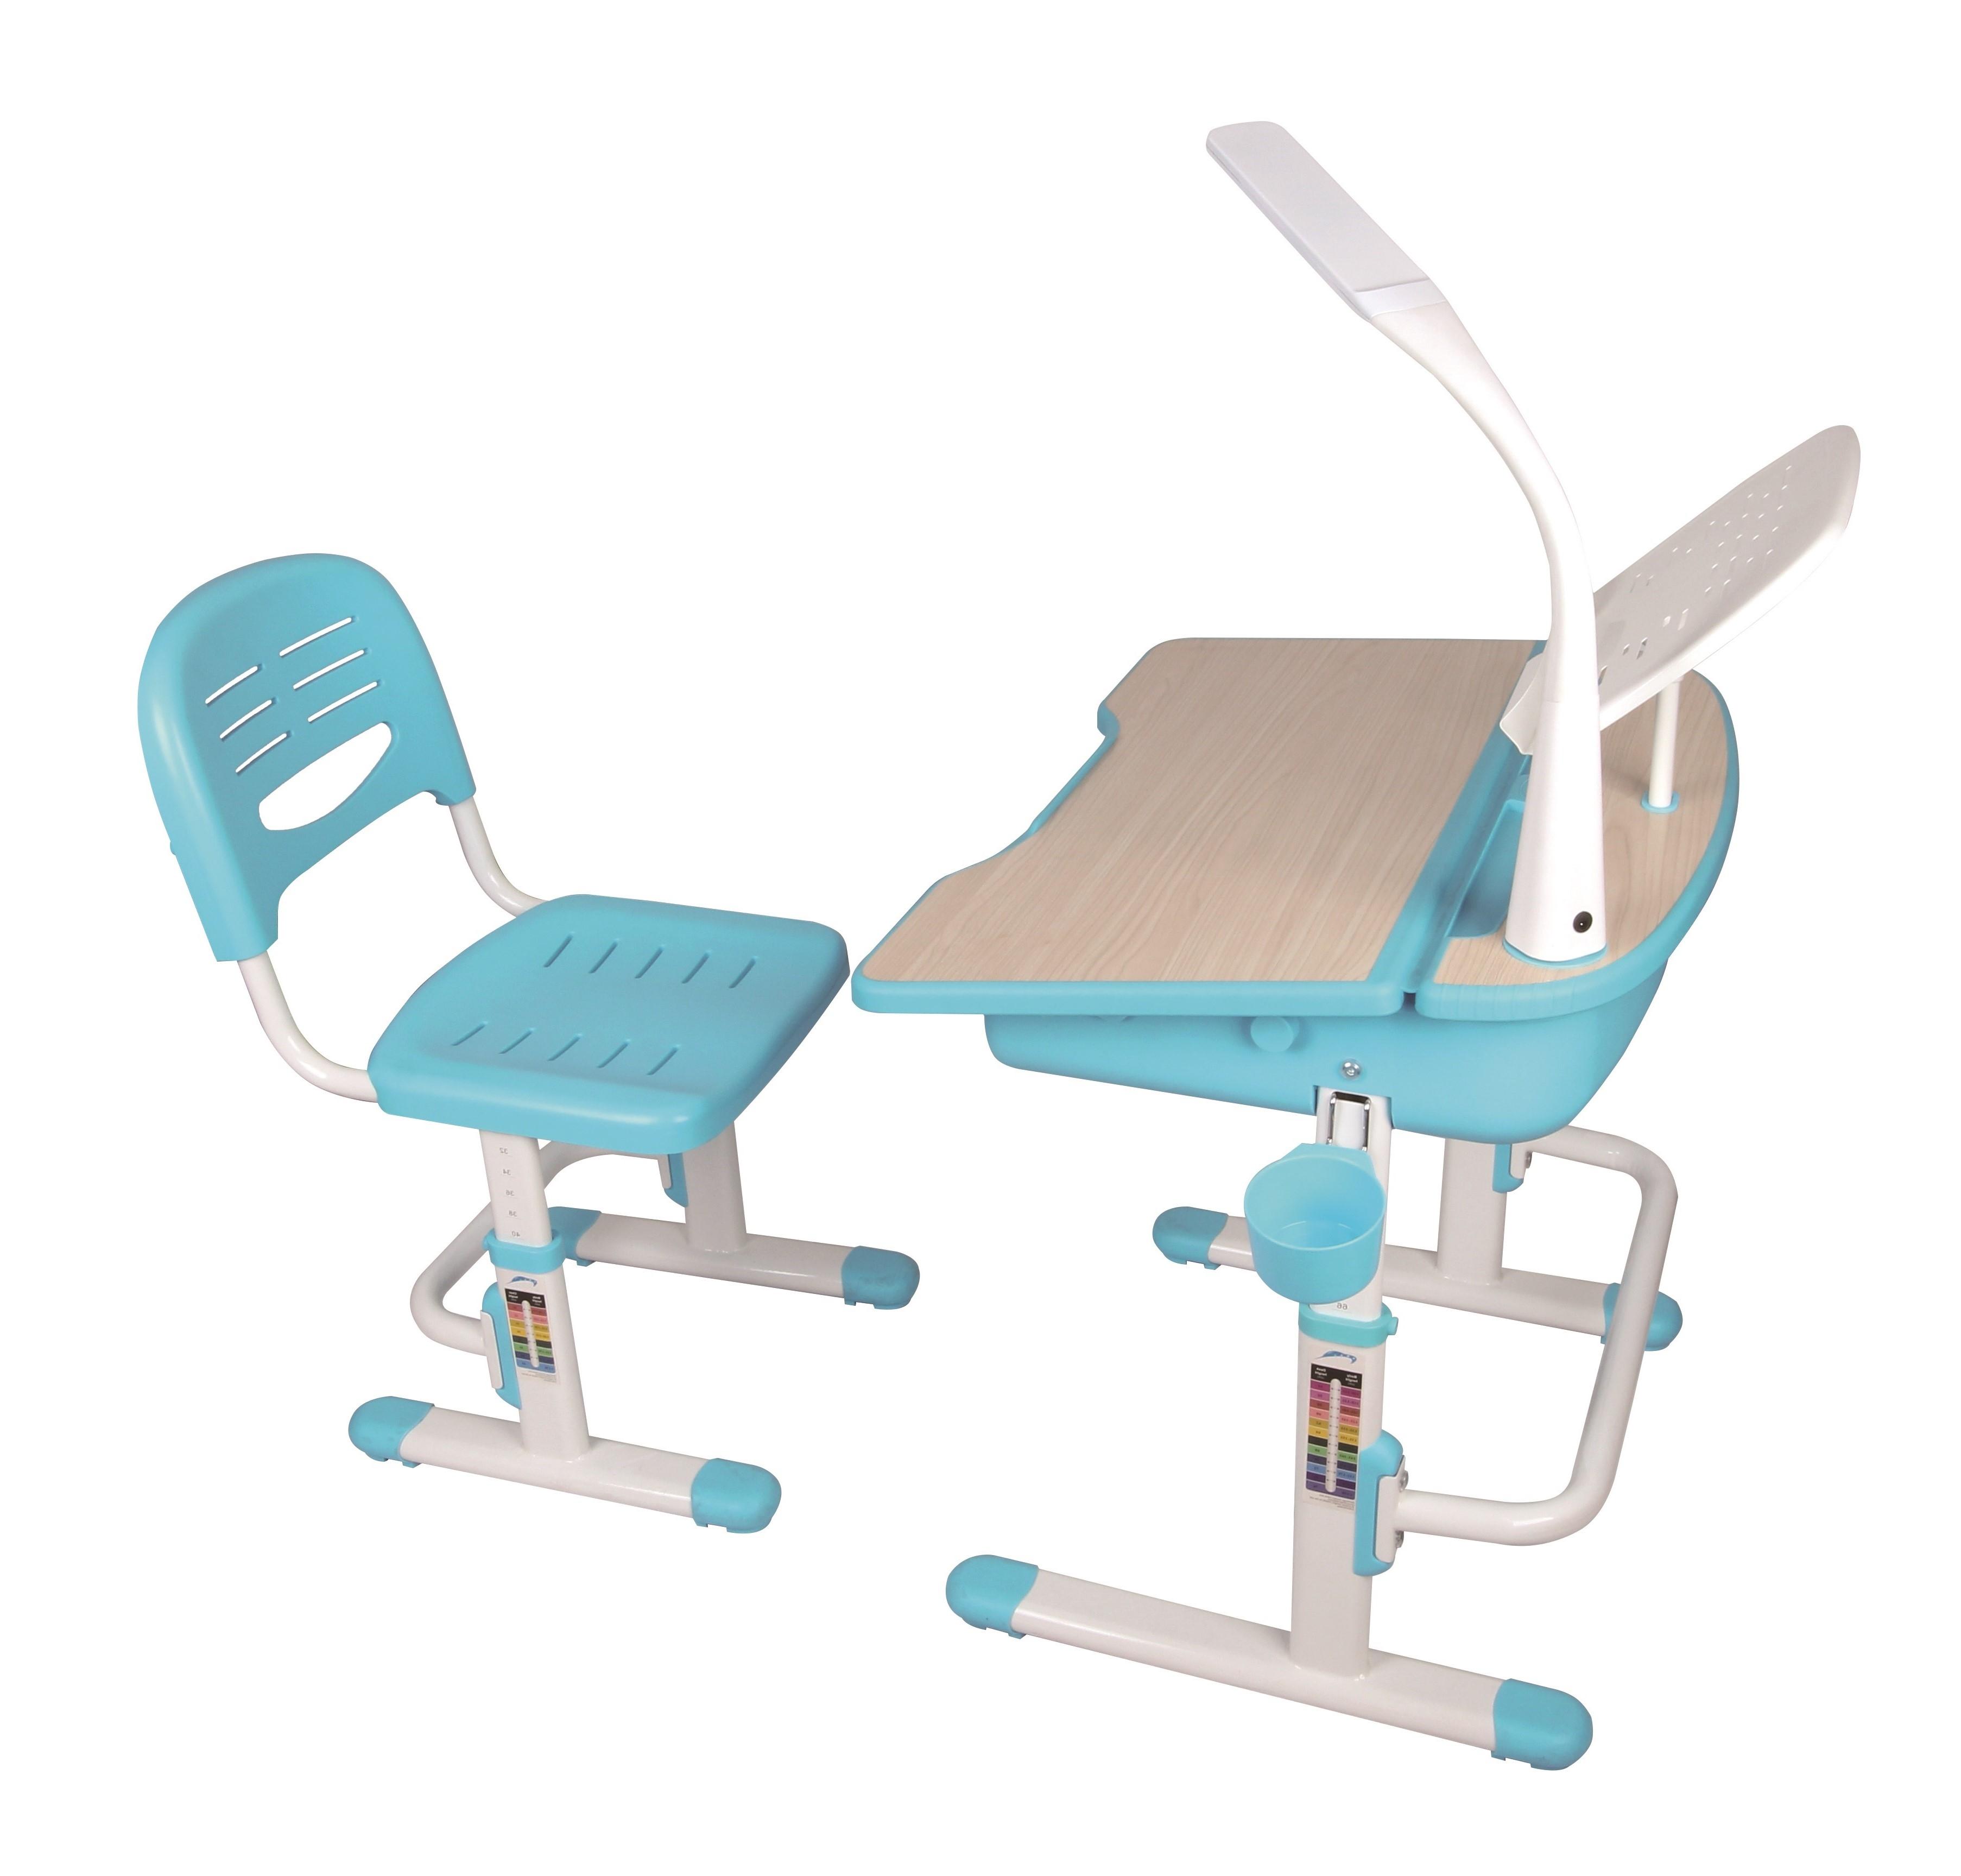 Set birou pentru copii cu lampa LED, reglabil pe inaltime Comfortline Albastru, L70,5xl54,5xH54 cm imagine